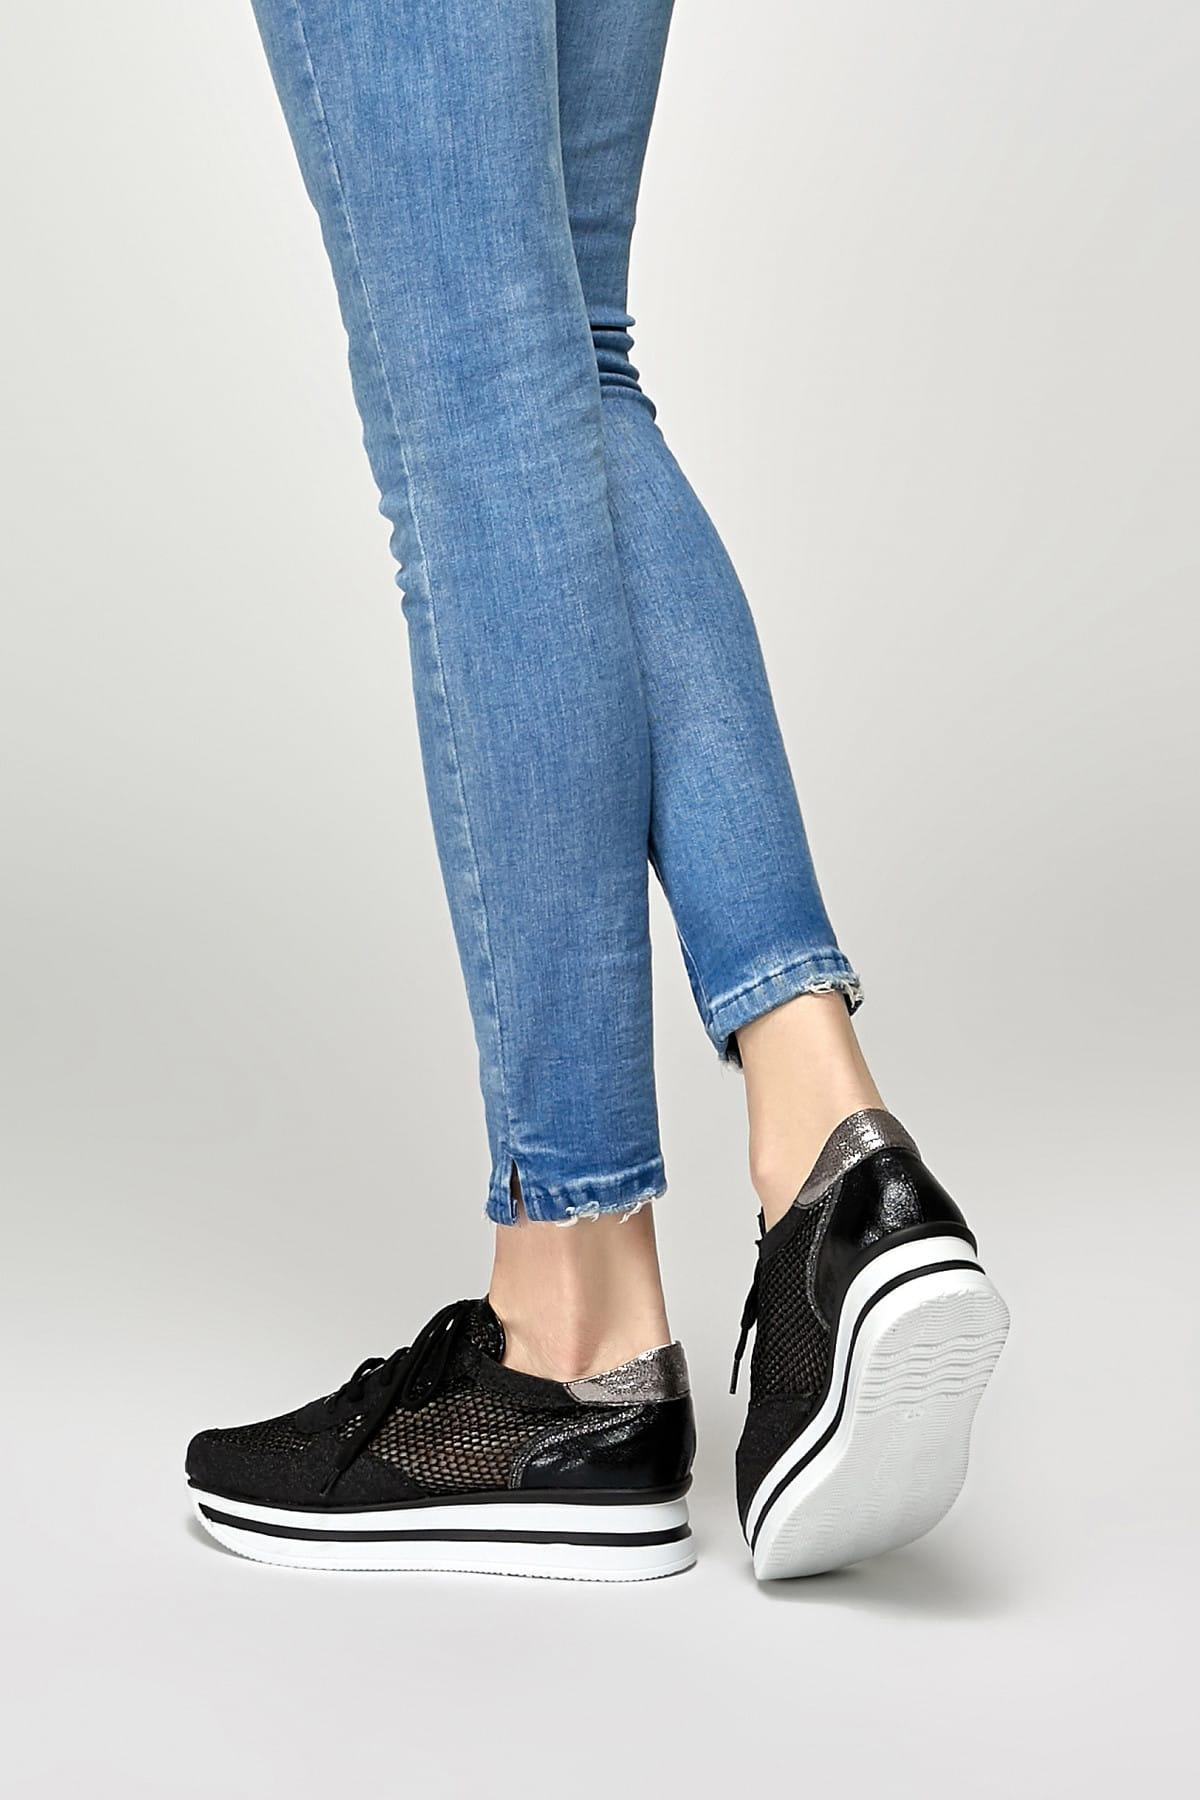 Butigo 19S-003 Siyah Kadın Sneaker Ayakkabı 100372600 2